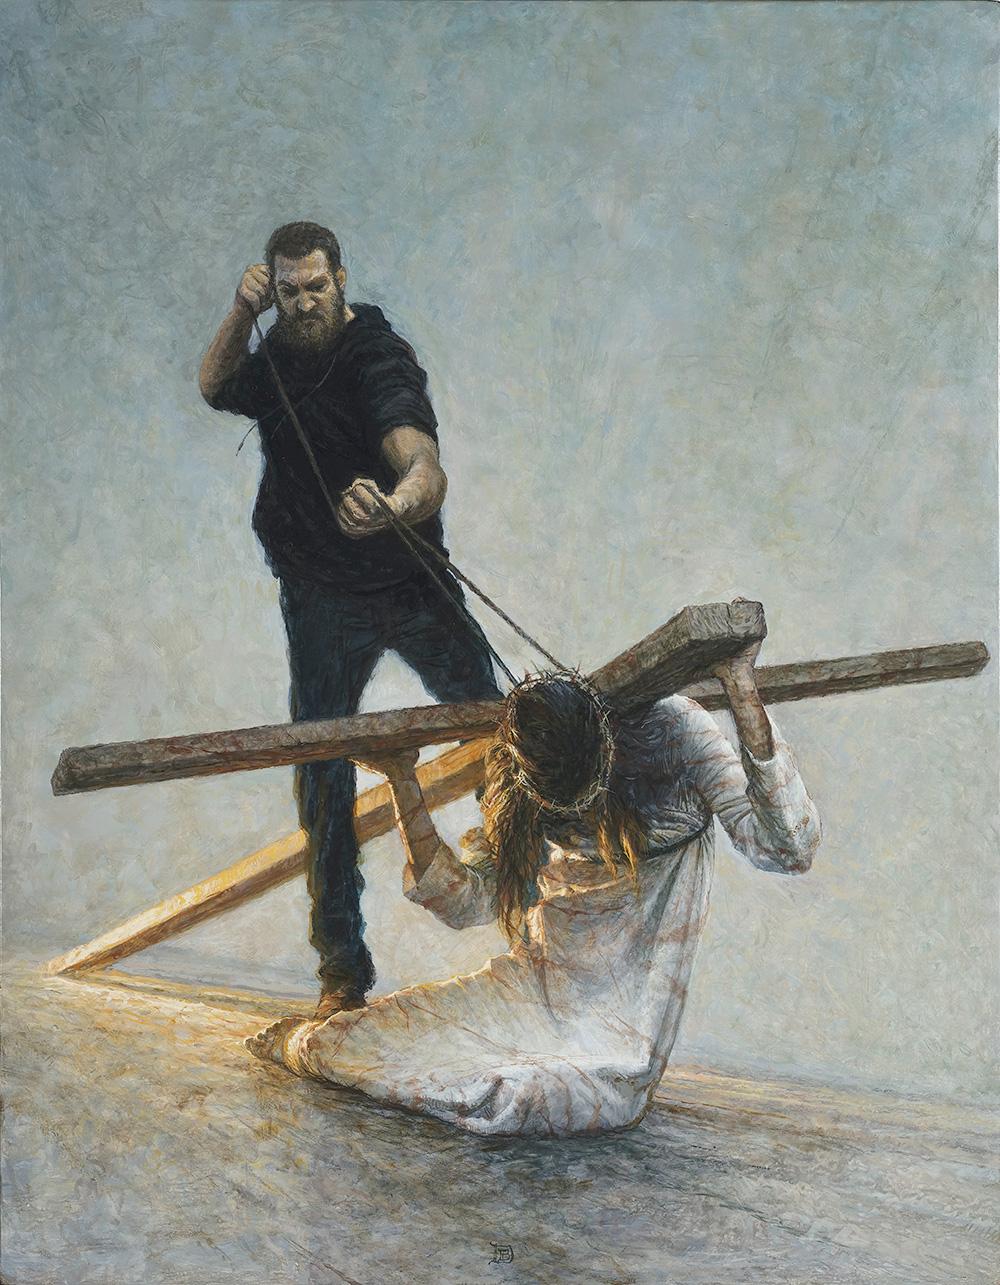 Peinture - JÉSUS TOMBE POUR LA DEUXIÈME FOIS